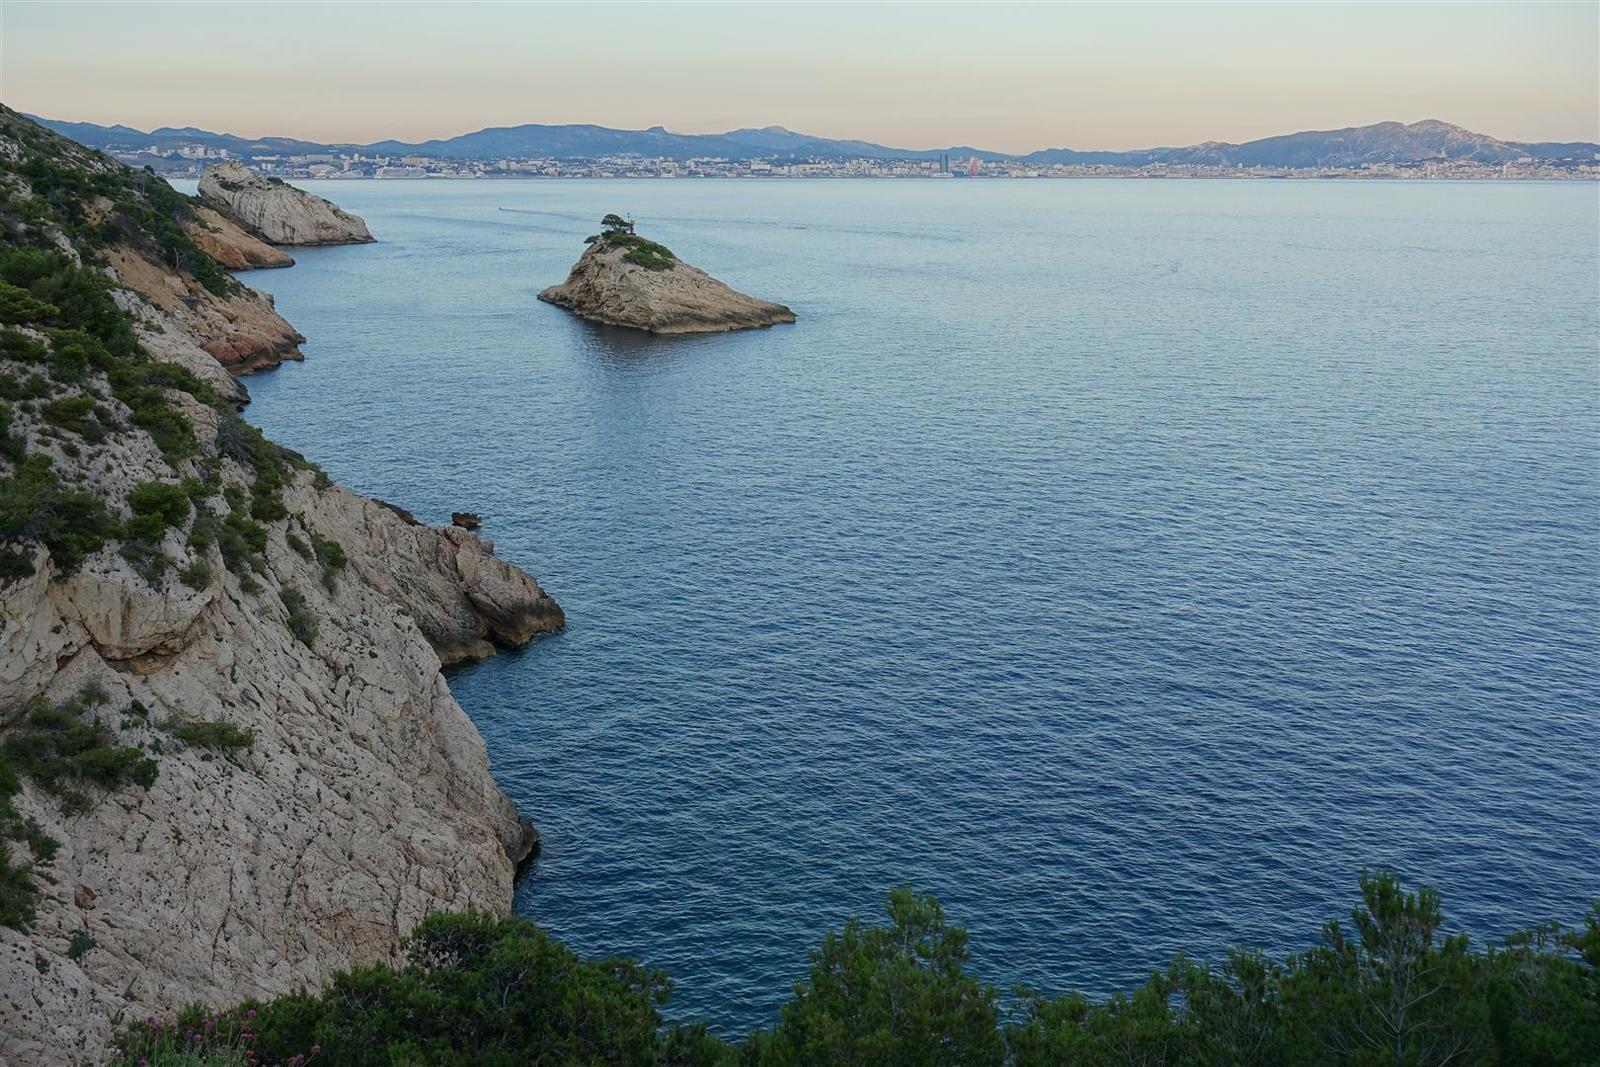 au retour, vue sur la côte bleue et l'île de l'Erevine